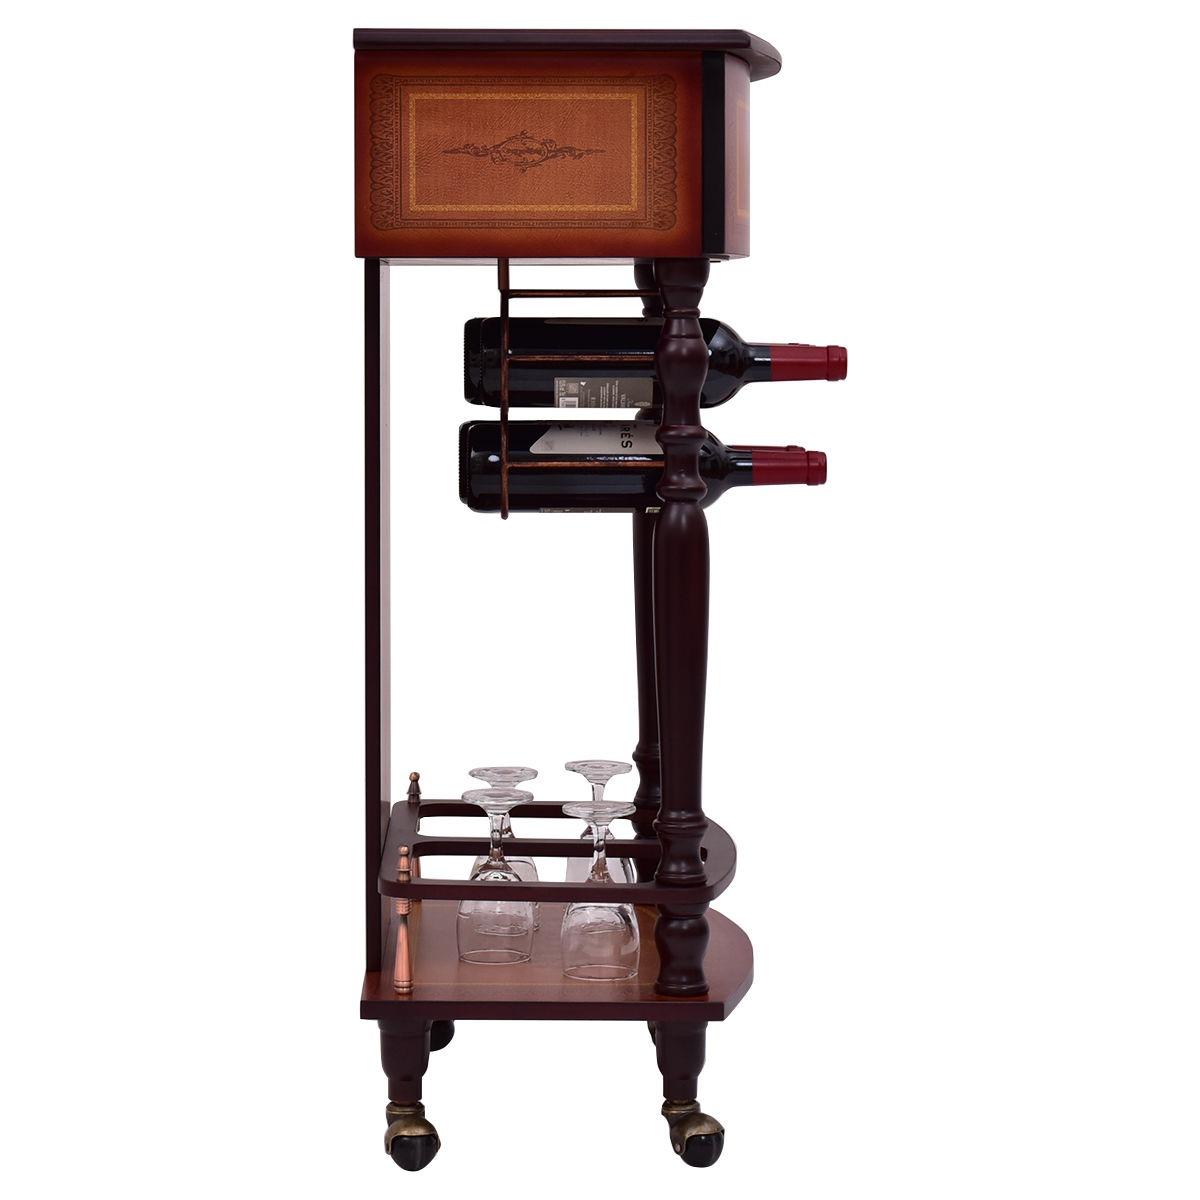 Estante para botellas licor vintage madera vino mueble bar for Mueble para botellas